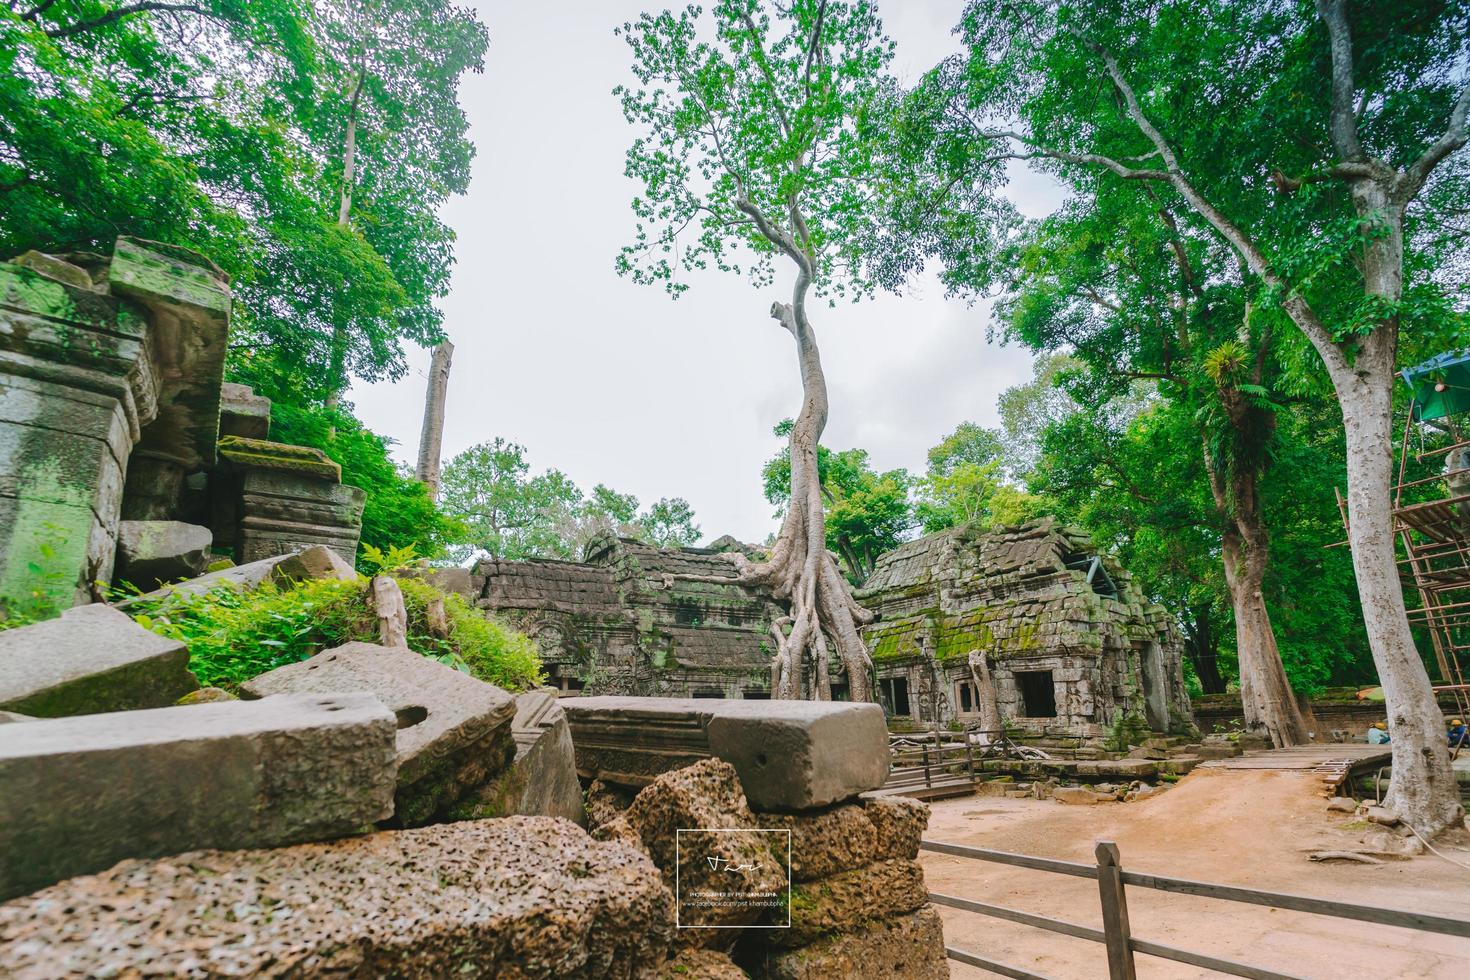 Temple Ta Prohm envahi par les arbres à Angkor, Siem Reap, Cambodge photo